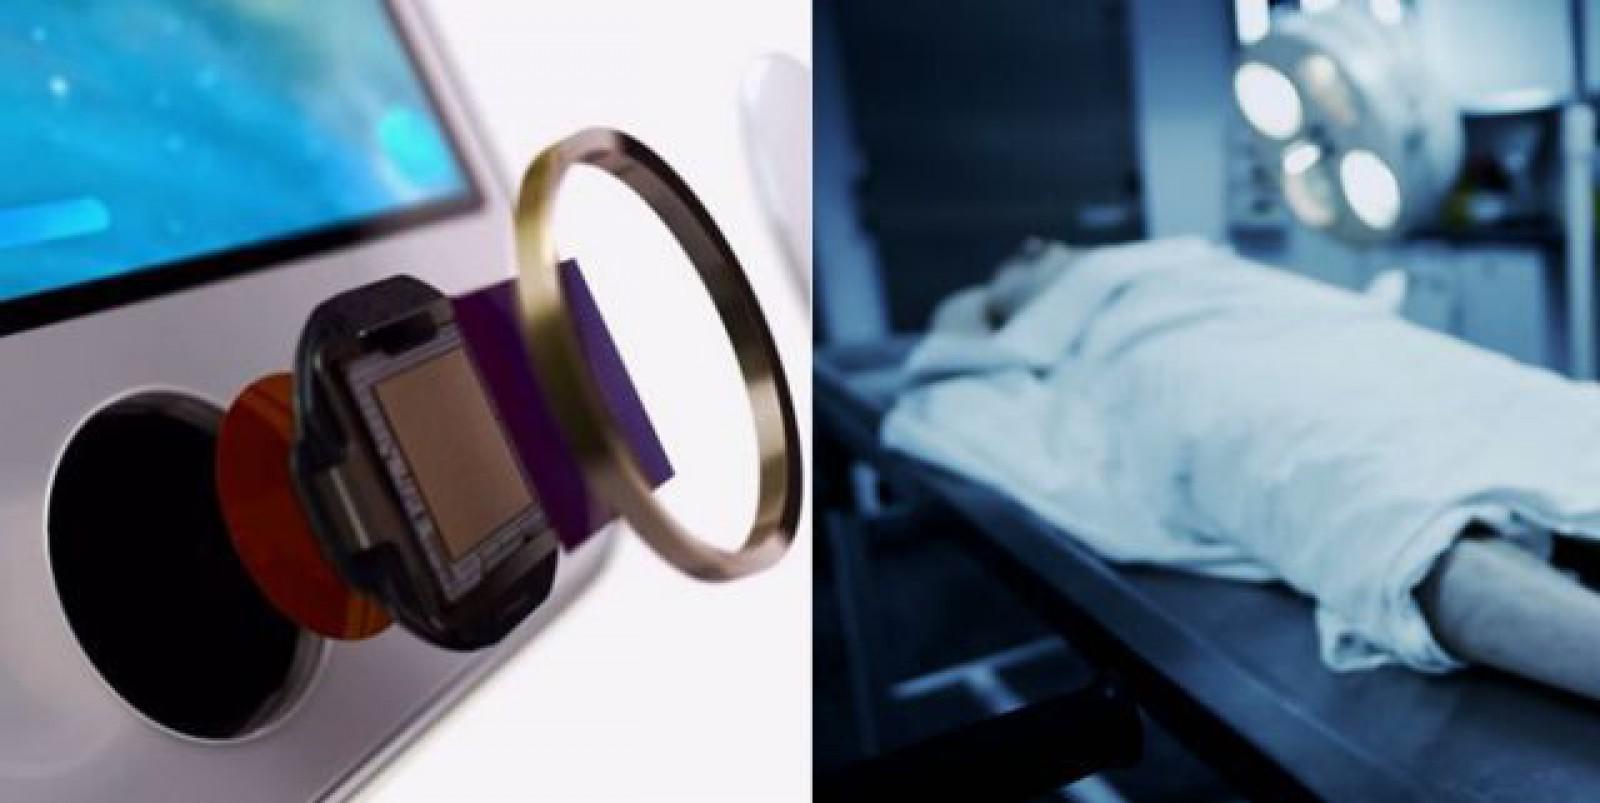 Doi poliţişti au mers la o capelă pentru a debloca un smartphone cu degetele mortului căruia i-a aparţinut dispozitivul